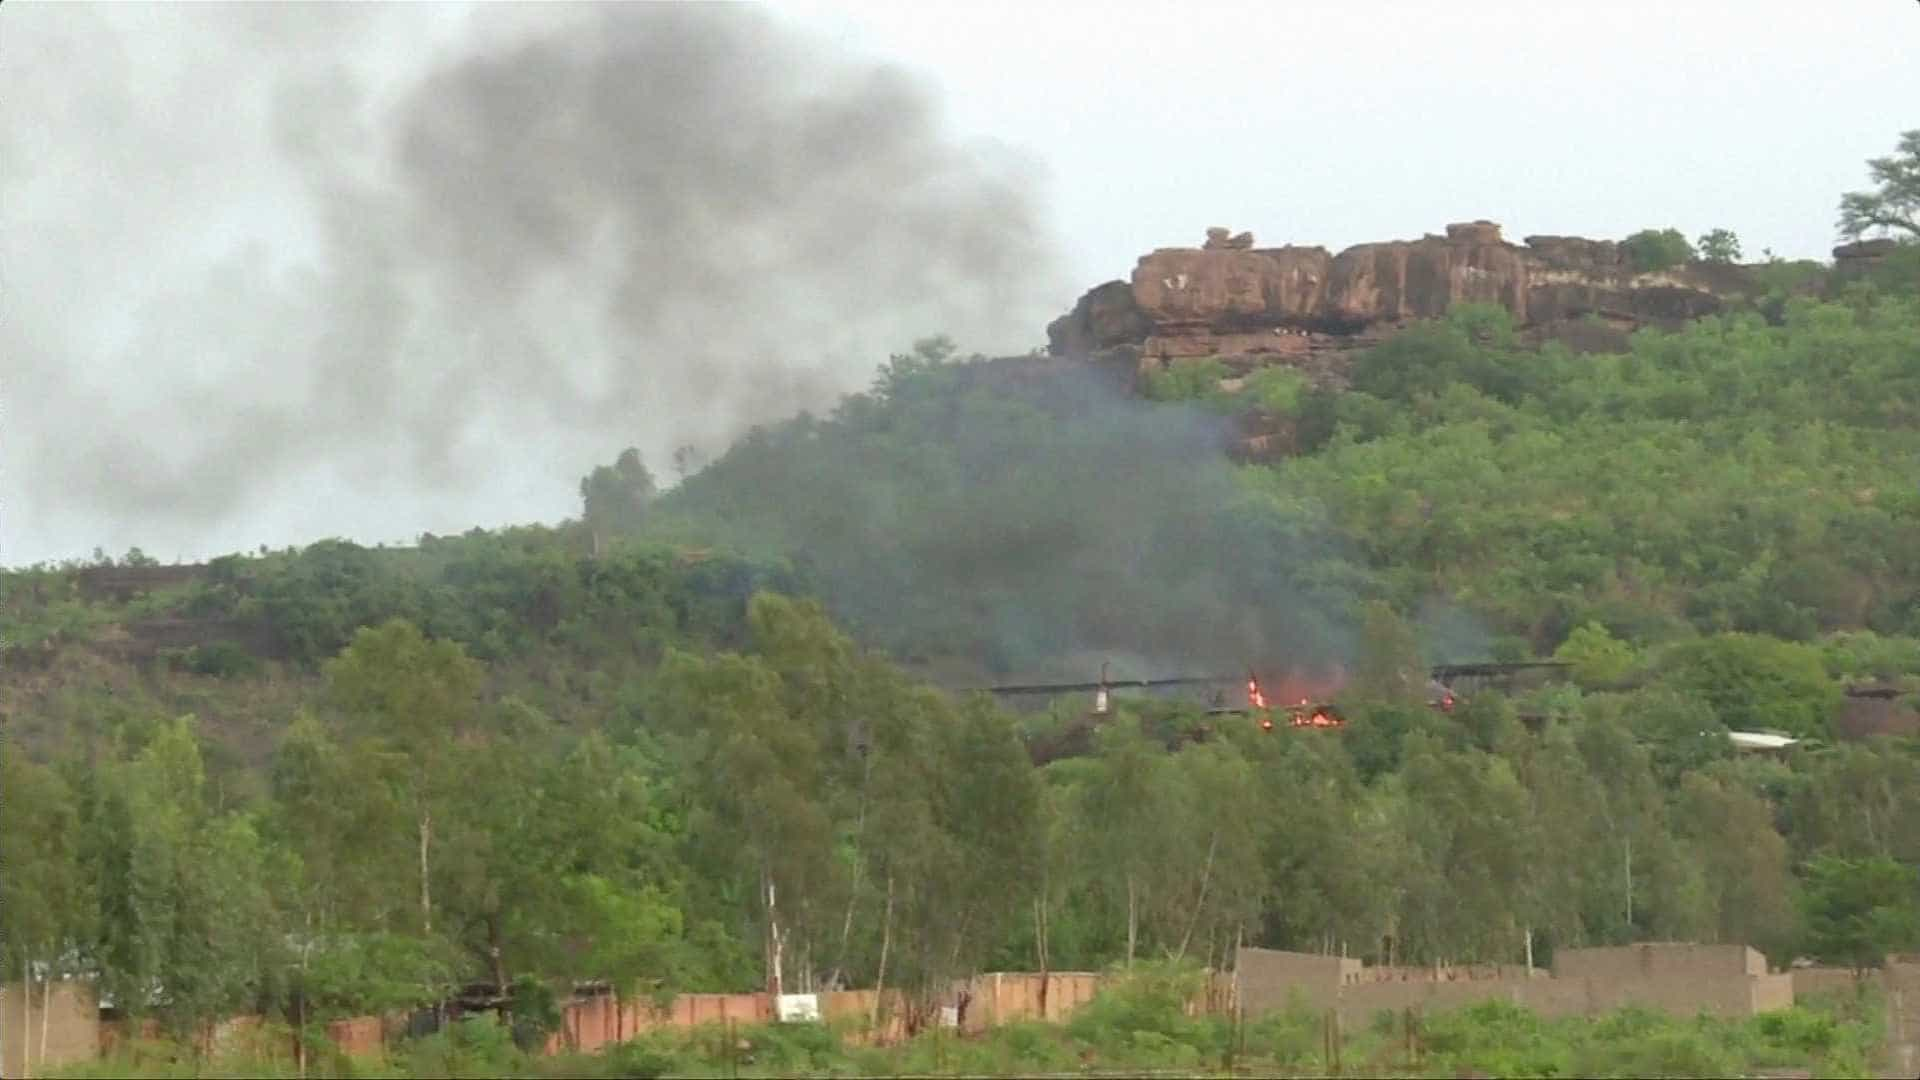 Abatidos quatro autores do ataque contra complexo turístico no Mali